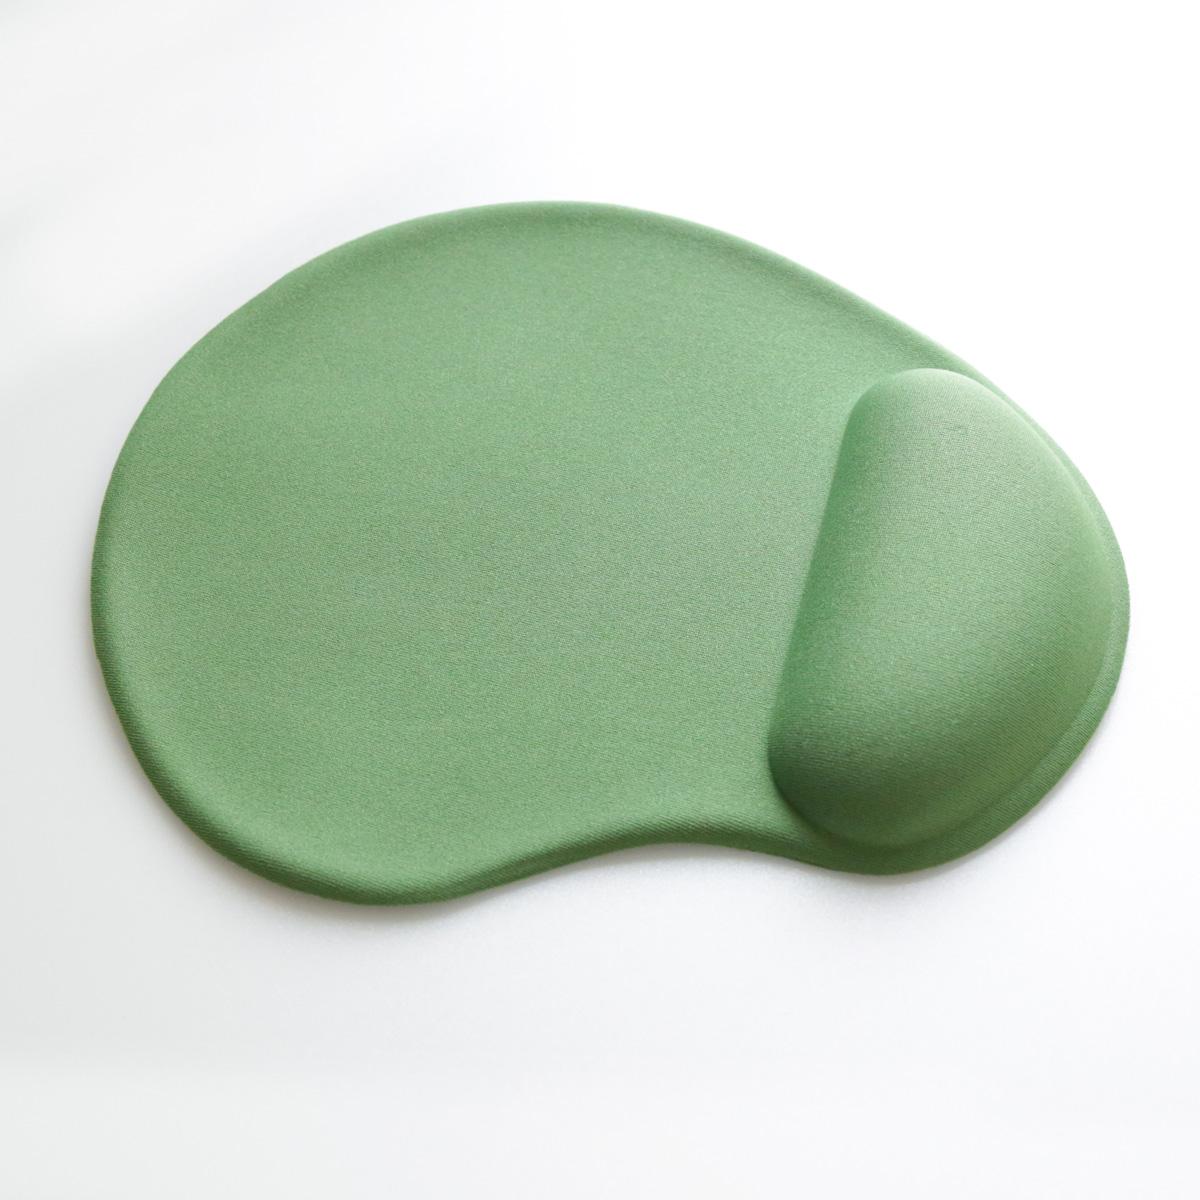 Подложка за мишка ергономична  с гел Omega, цвят Зелен